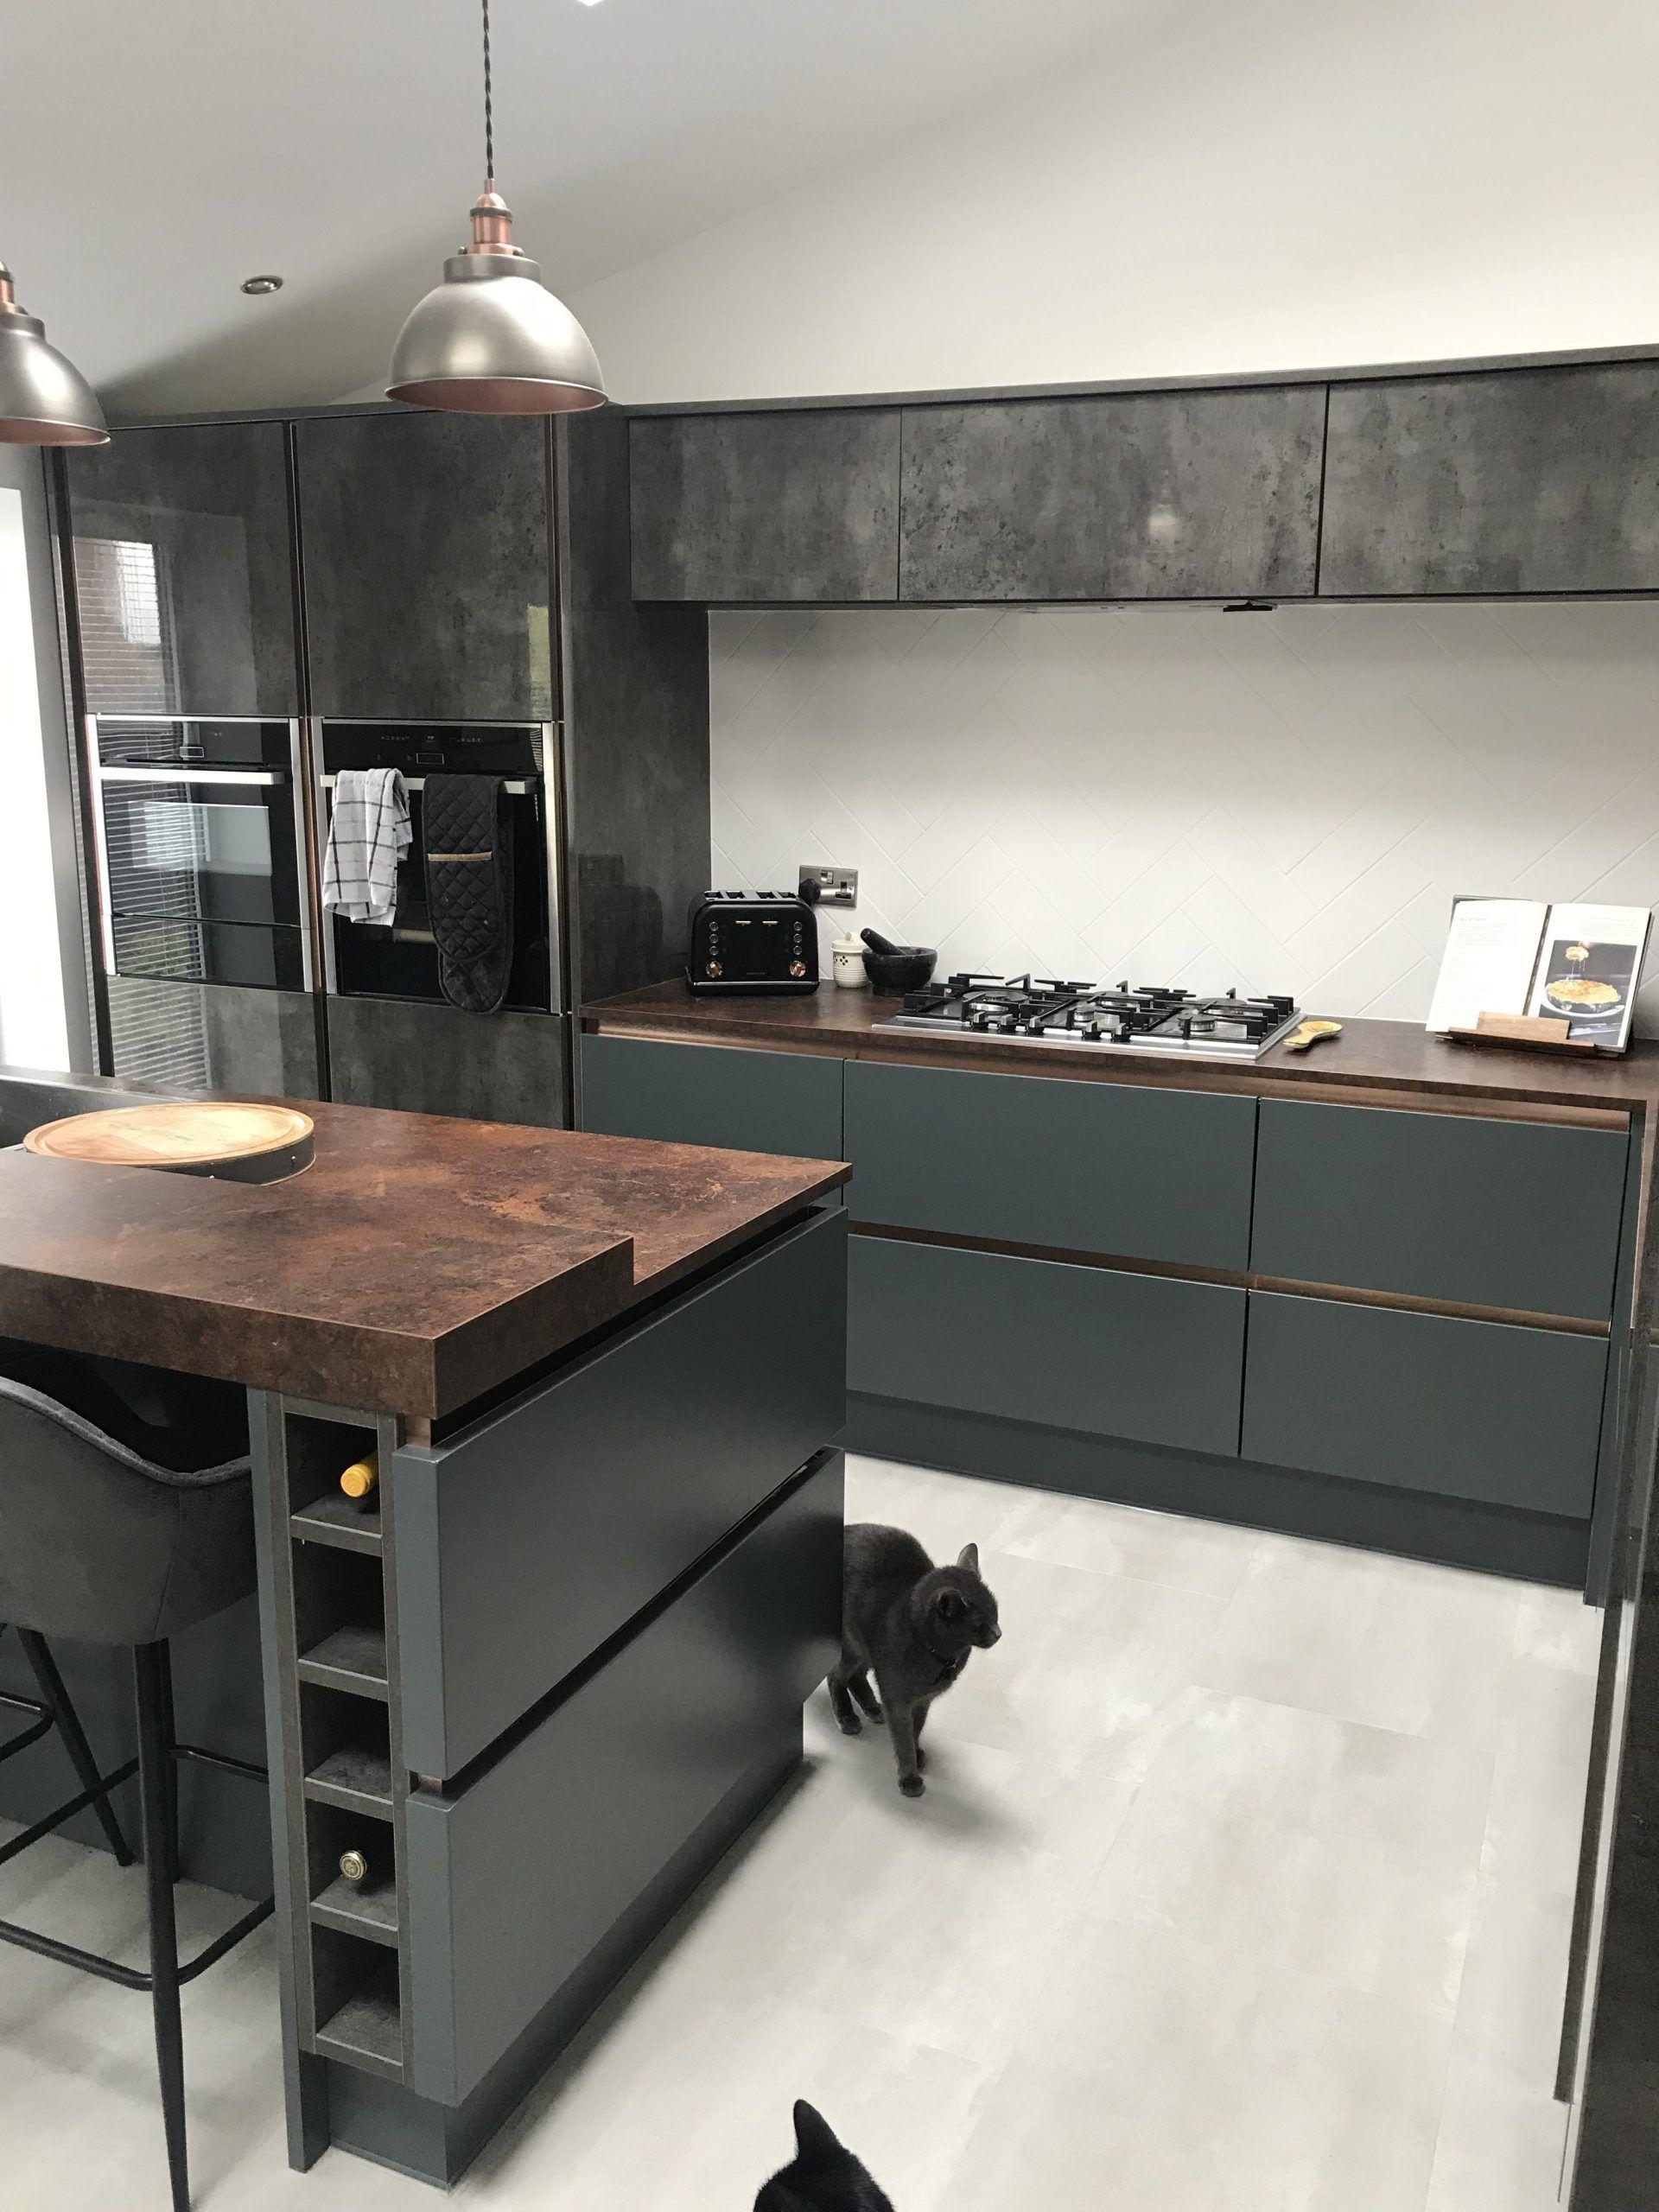 Our new wren kitchen.#kitchen #wren in 2020 | Modern grey ...